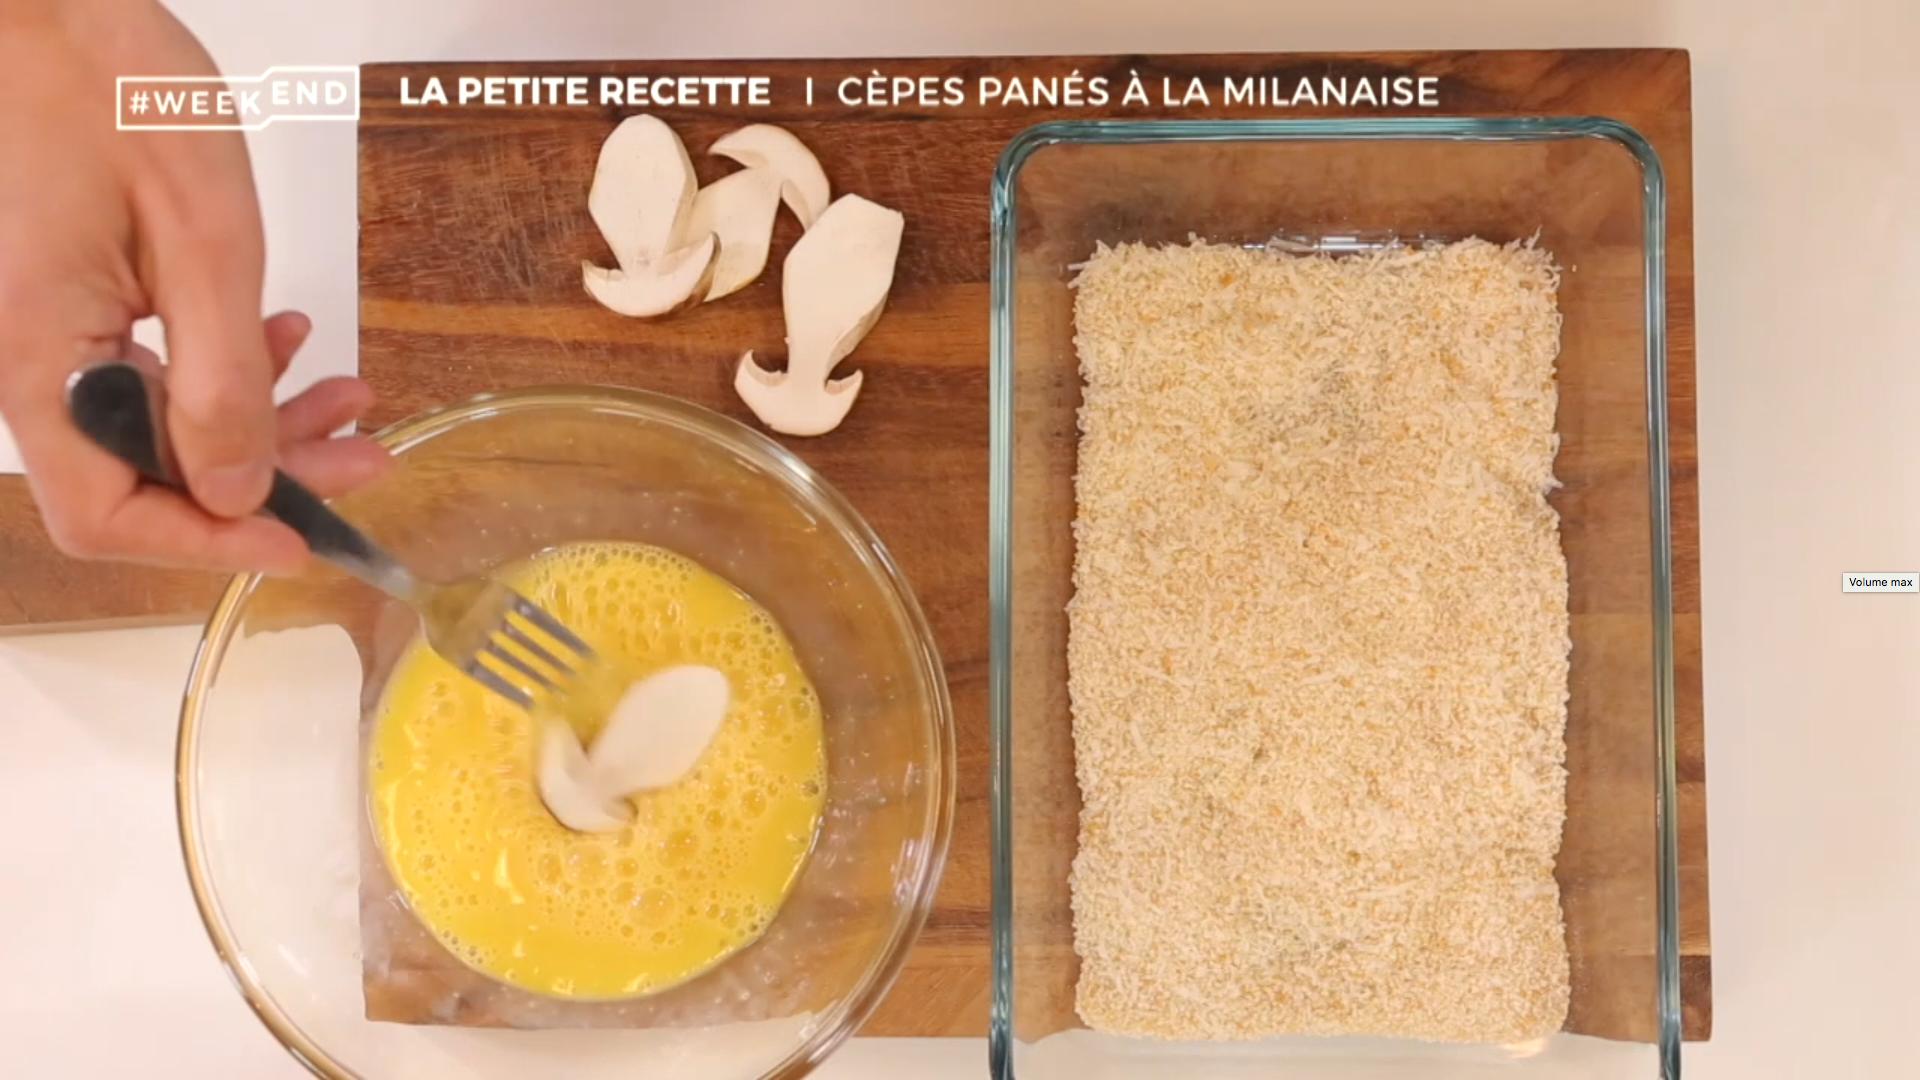 Tuto c pes pan s la milanaise laurent mariotte - Dernier livre de cuisine de laurent mariotte ...